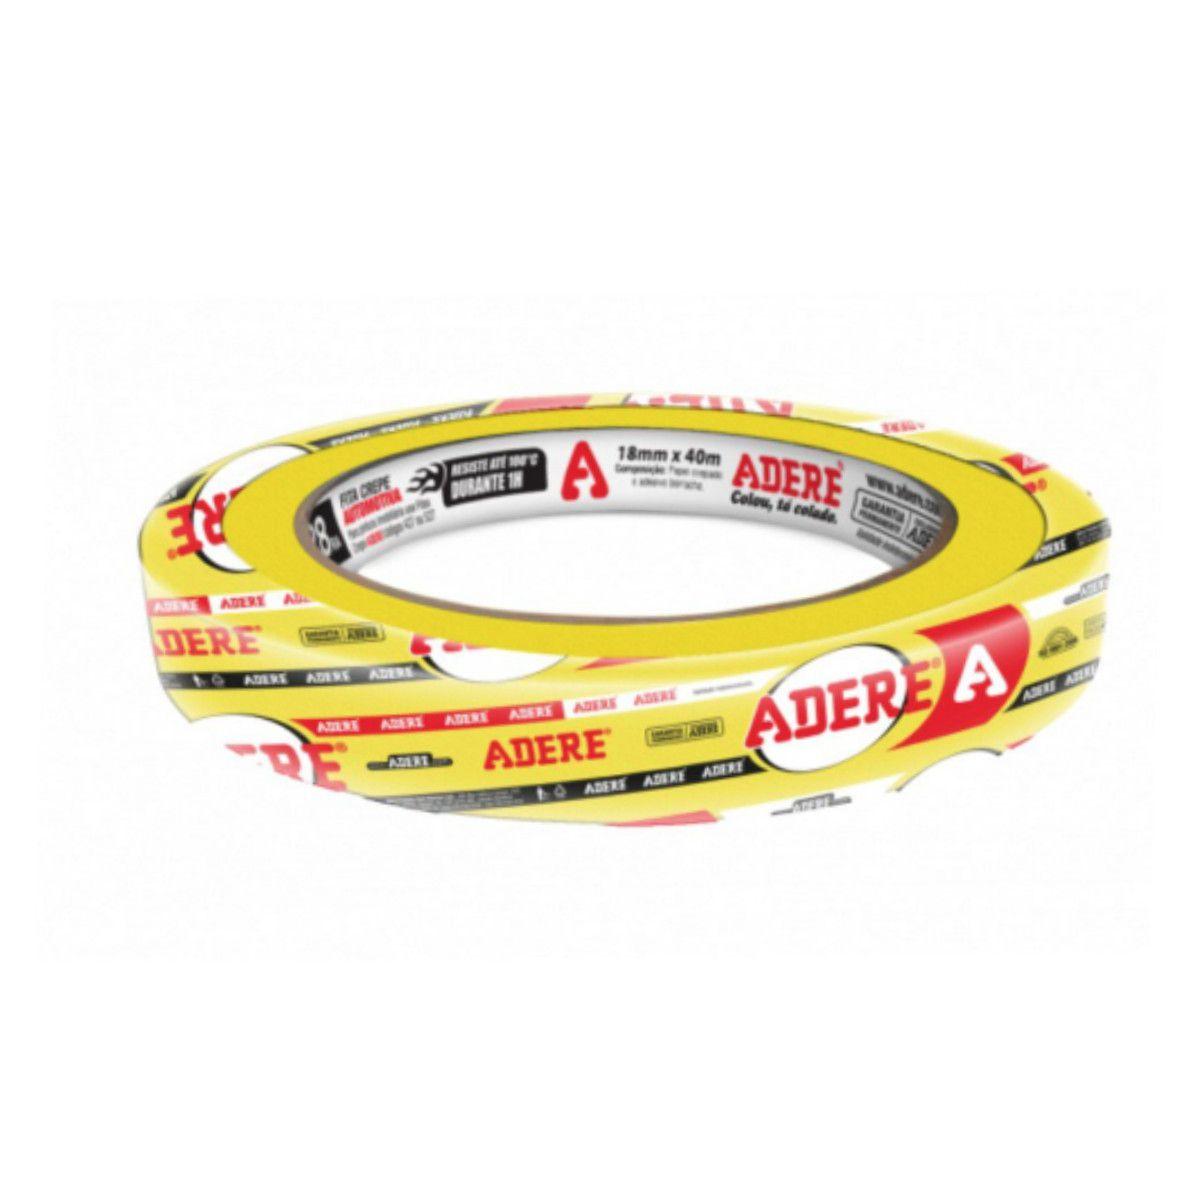 Fita Crepe Amarela P/ Pintura Automotiva Prof. Adere (1 Un) 18mmx40m